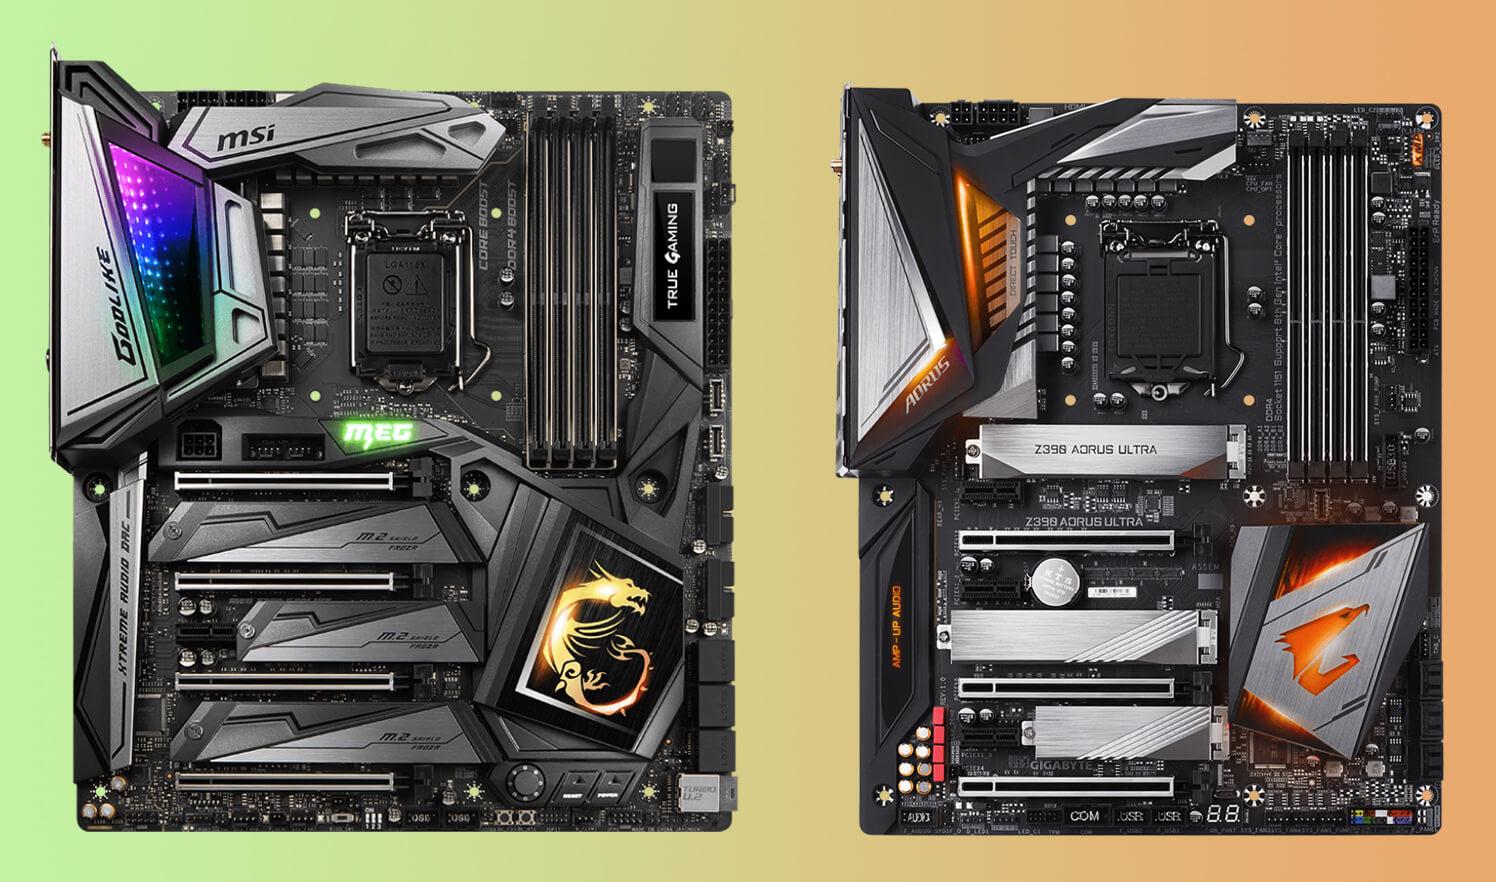 Best Motherboards for i9 9900k